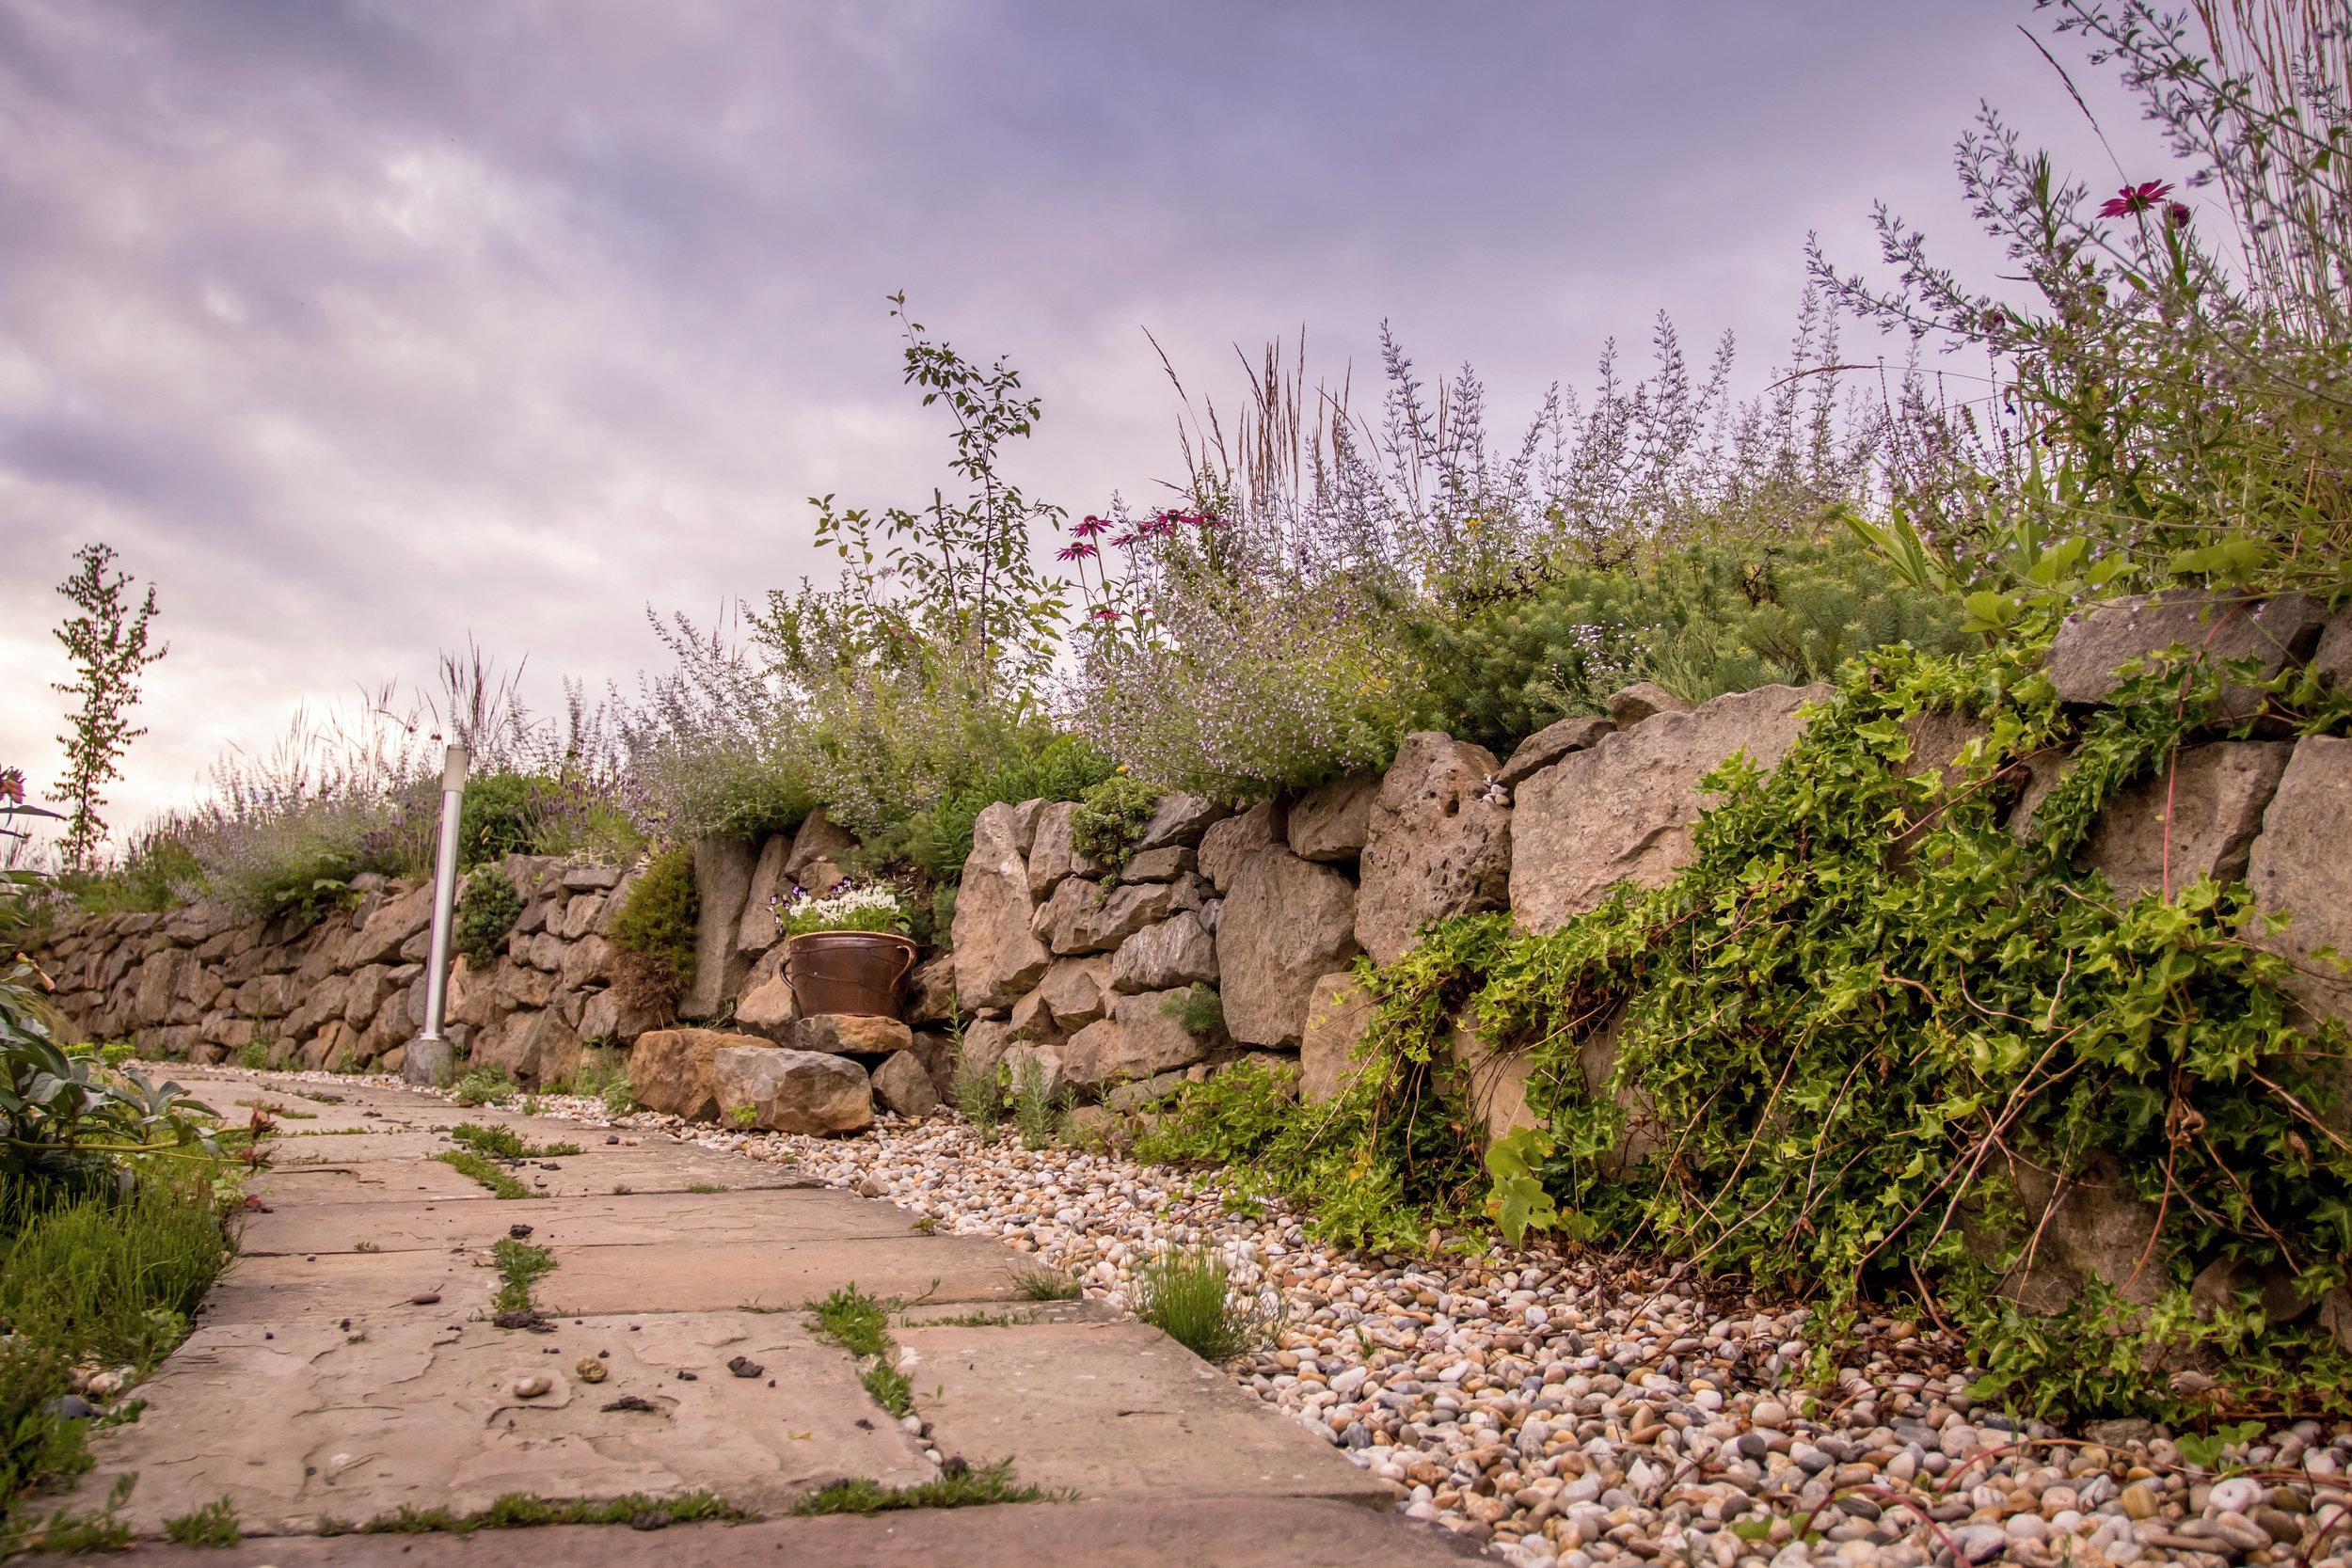 kamenná zídka s lemem trvalek